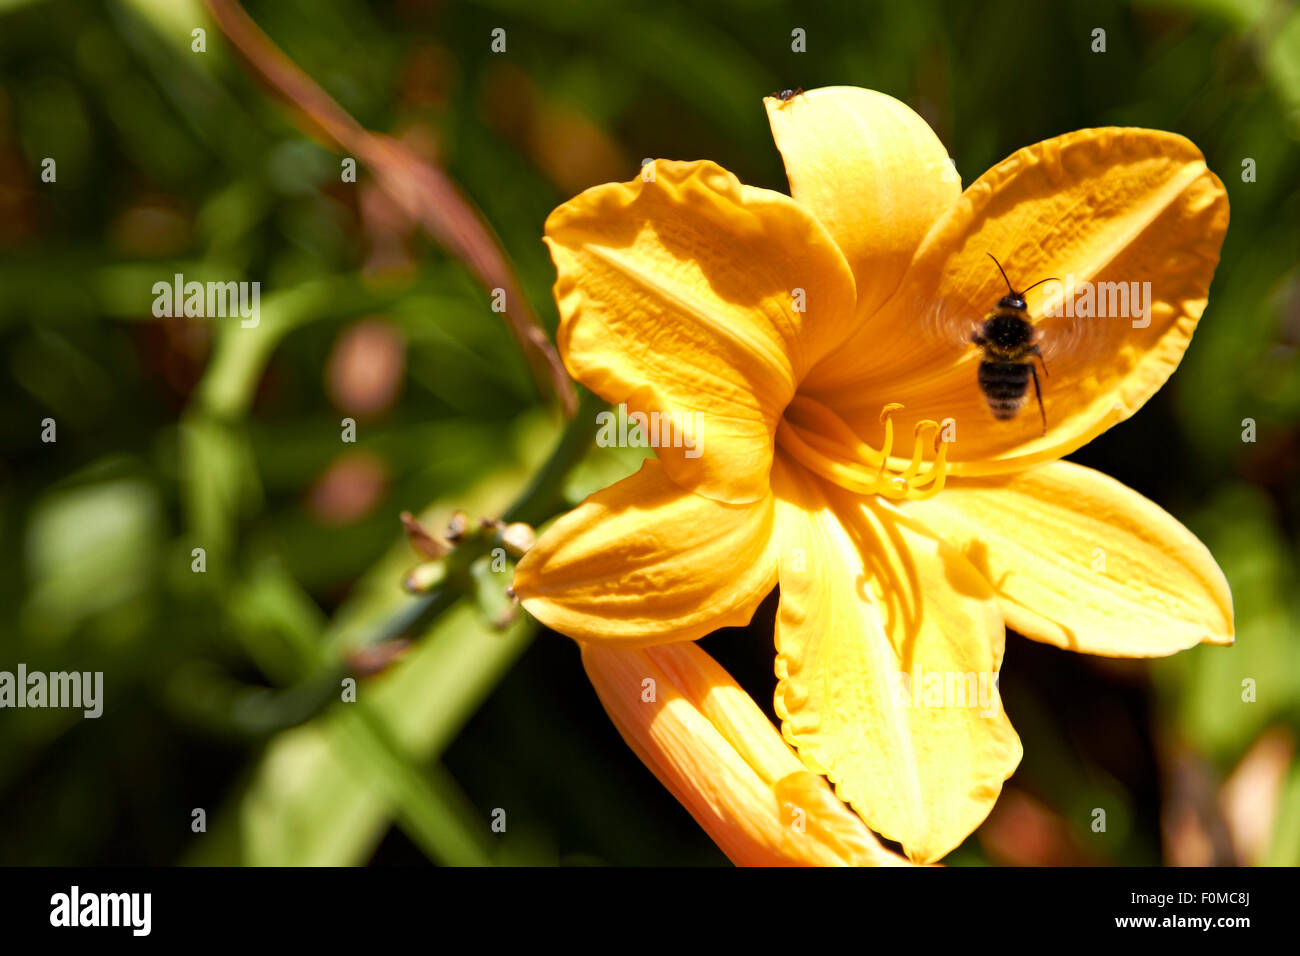 Fiore di giglio e umile Bee, Natura, giardino, all'aperto, parco, impianti,Wildlife, estate Immagini Stock